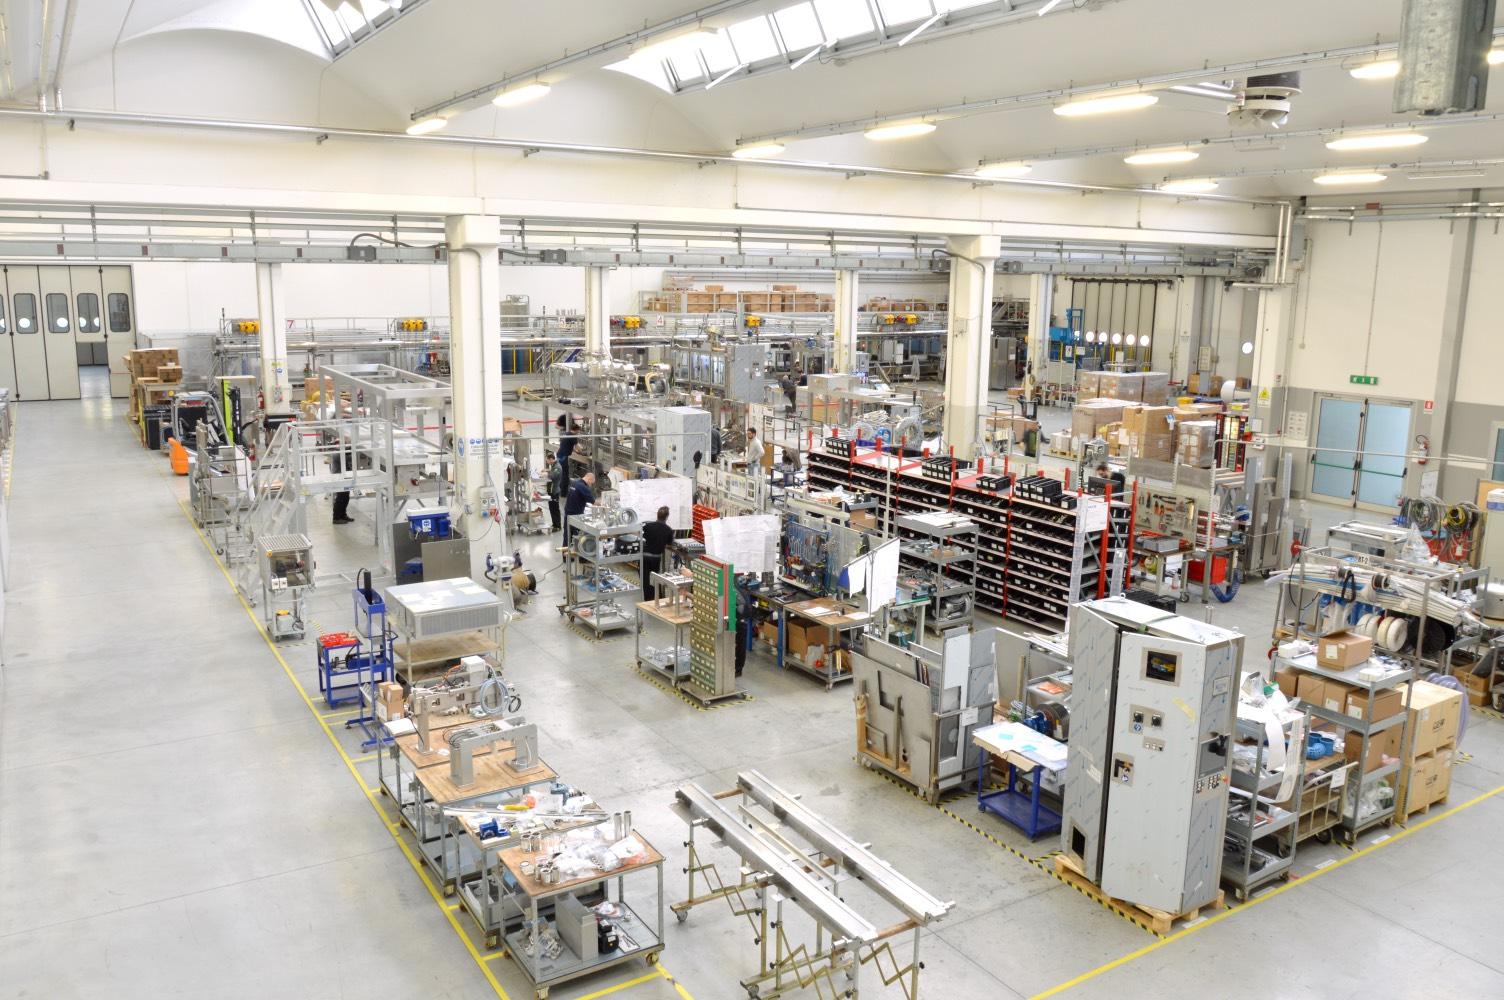 macchinari lavorazione lamiera impianti confezionamento